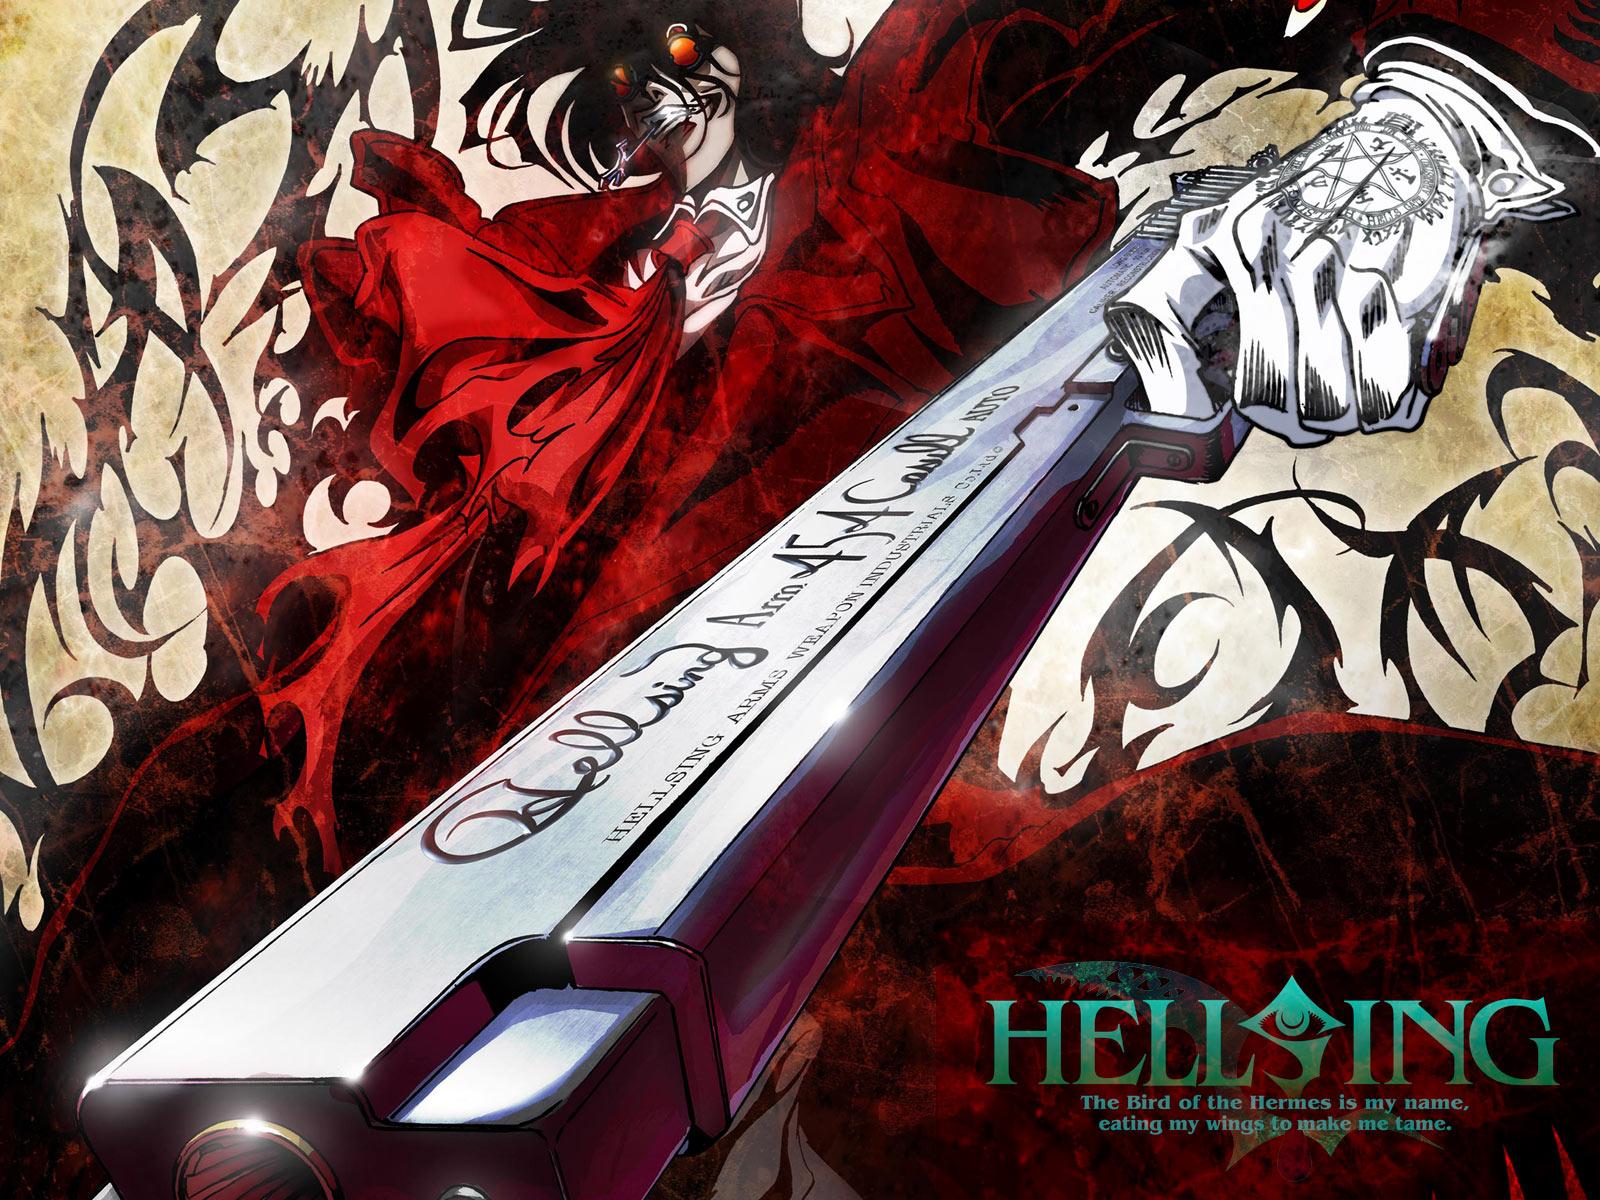 http://4.bp.blogspot.com/-E2f4lcA8xi4/TyHUutj-MEI/AAAAAAAABw0/LyeJPmkBOHA/s1600/wallpaper-hellsing-ultimate-anime.jpg